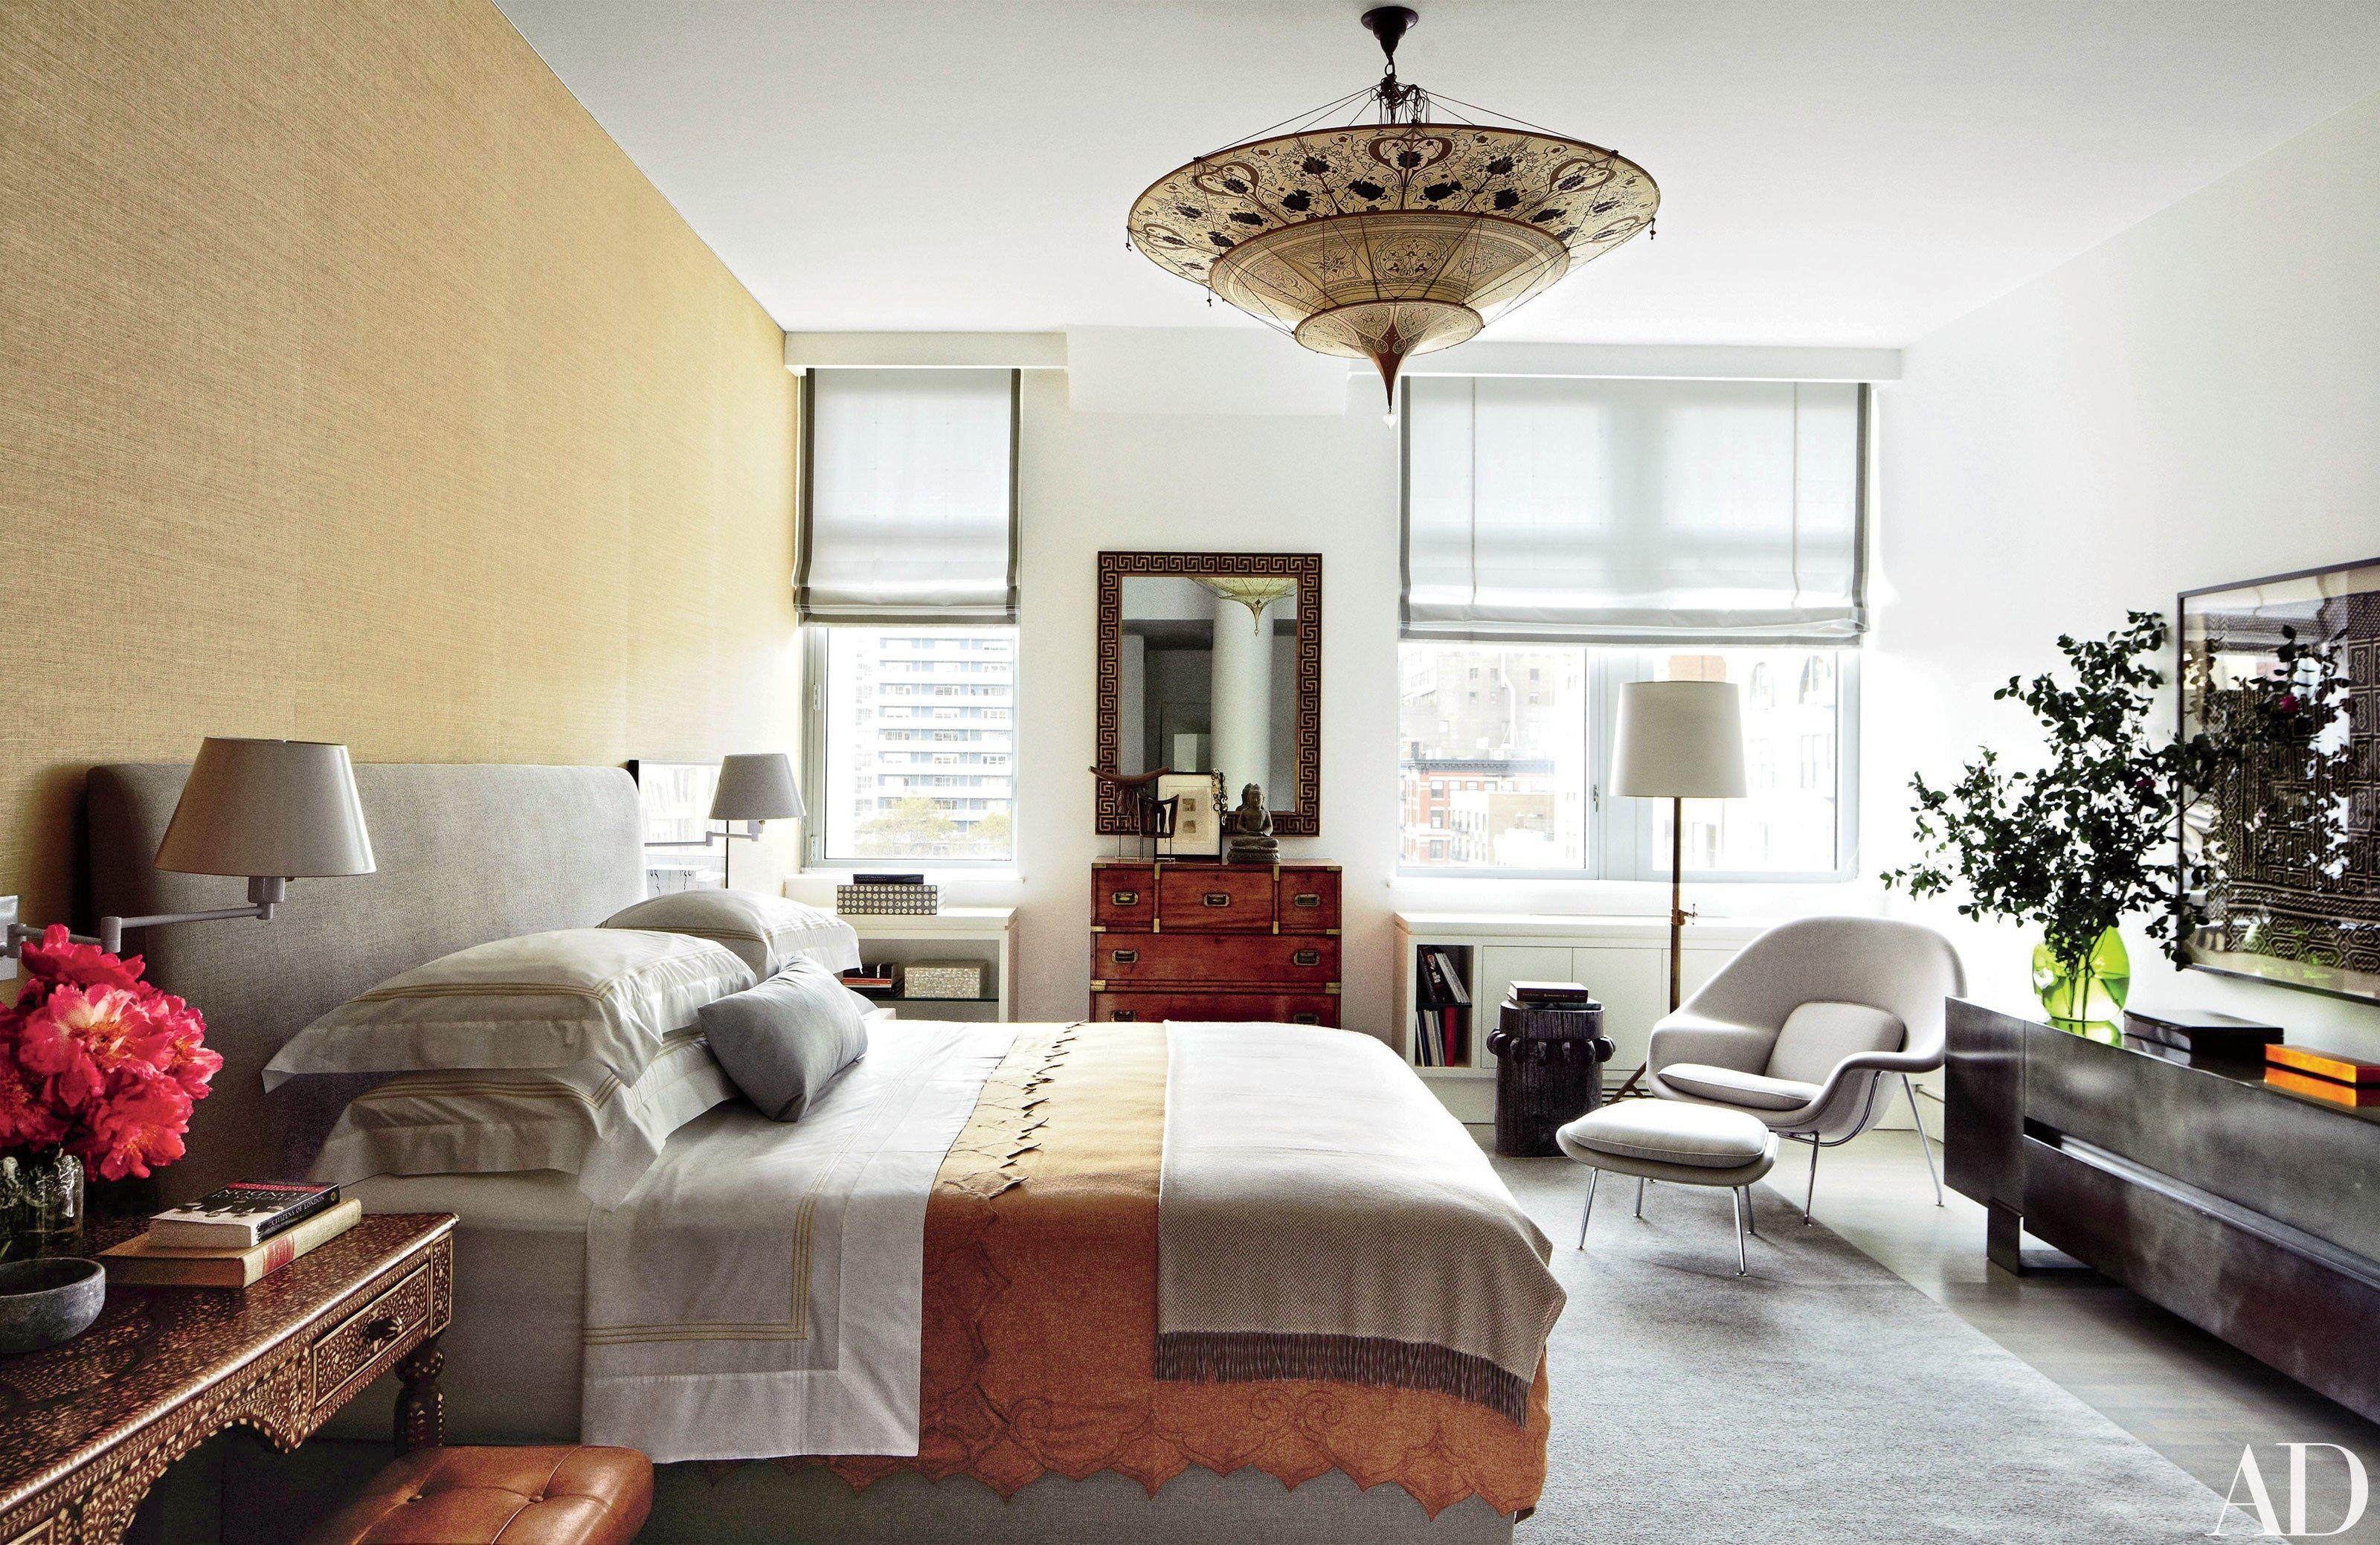 Julianna Marguliesu0027s Light Filled New York City Apartment